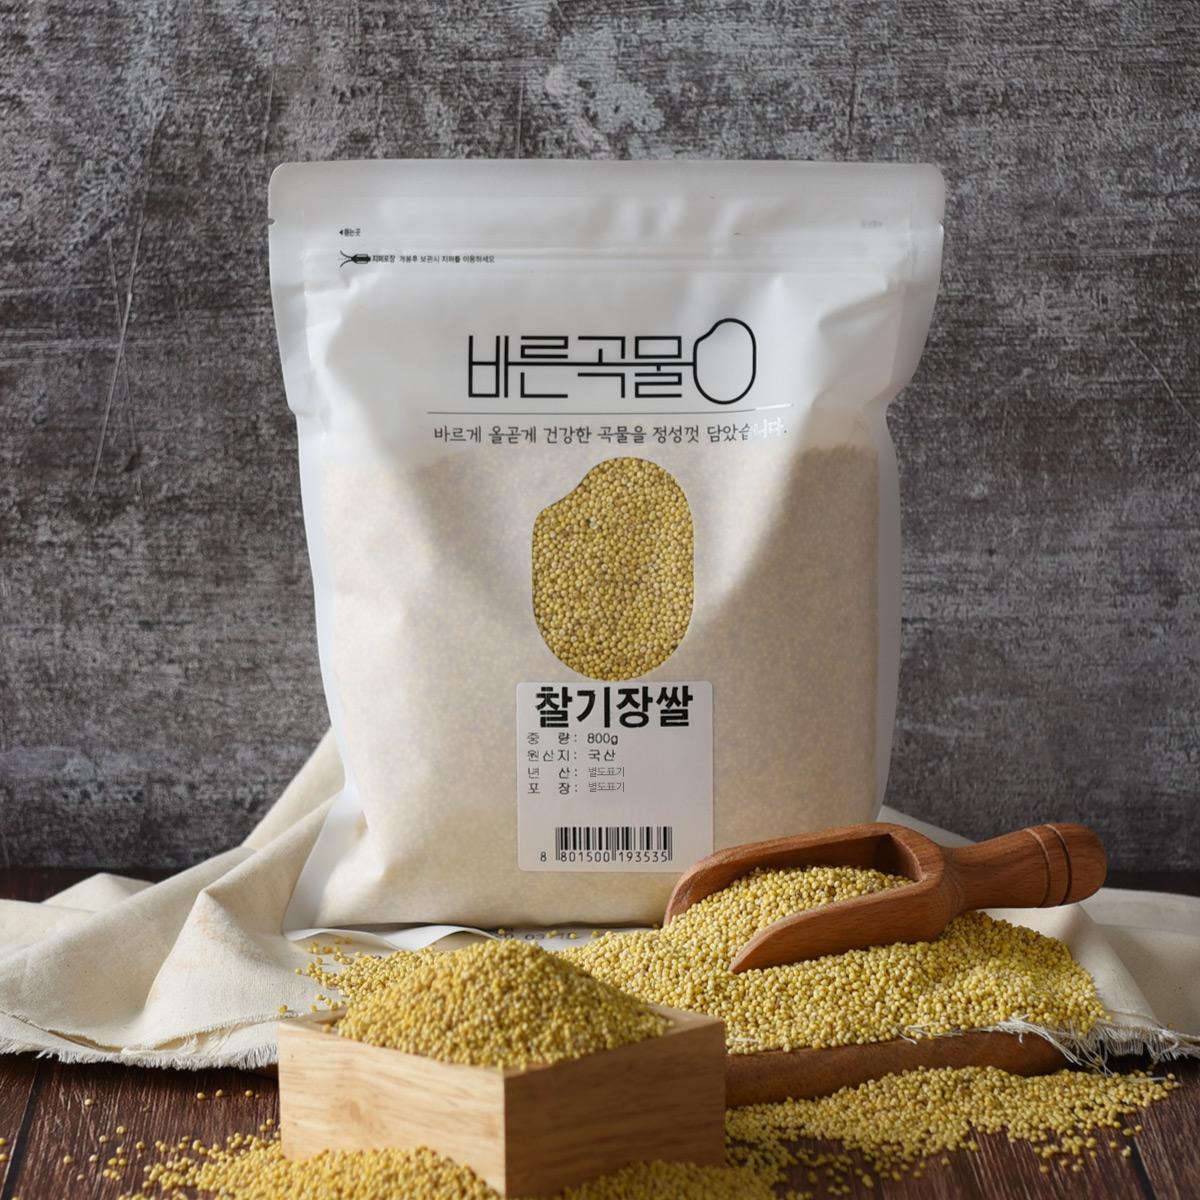 바른곡물 찰기장쌀, 800g, 1개